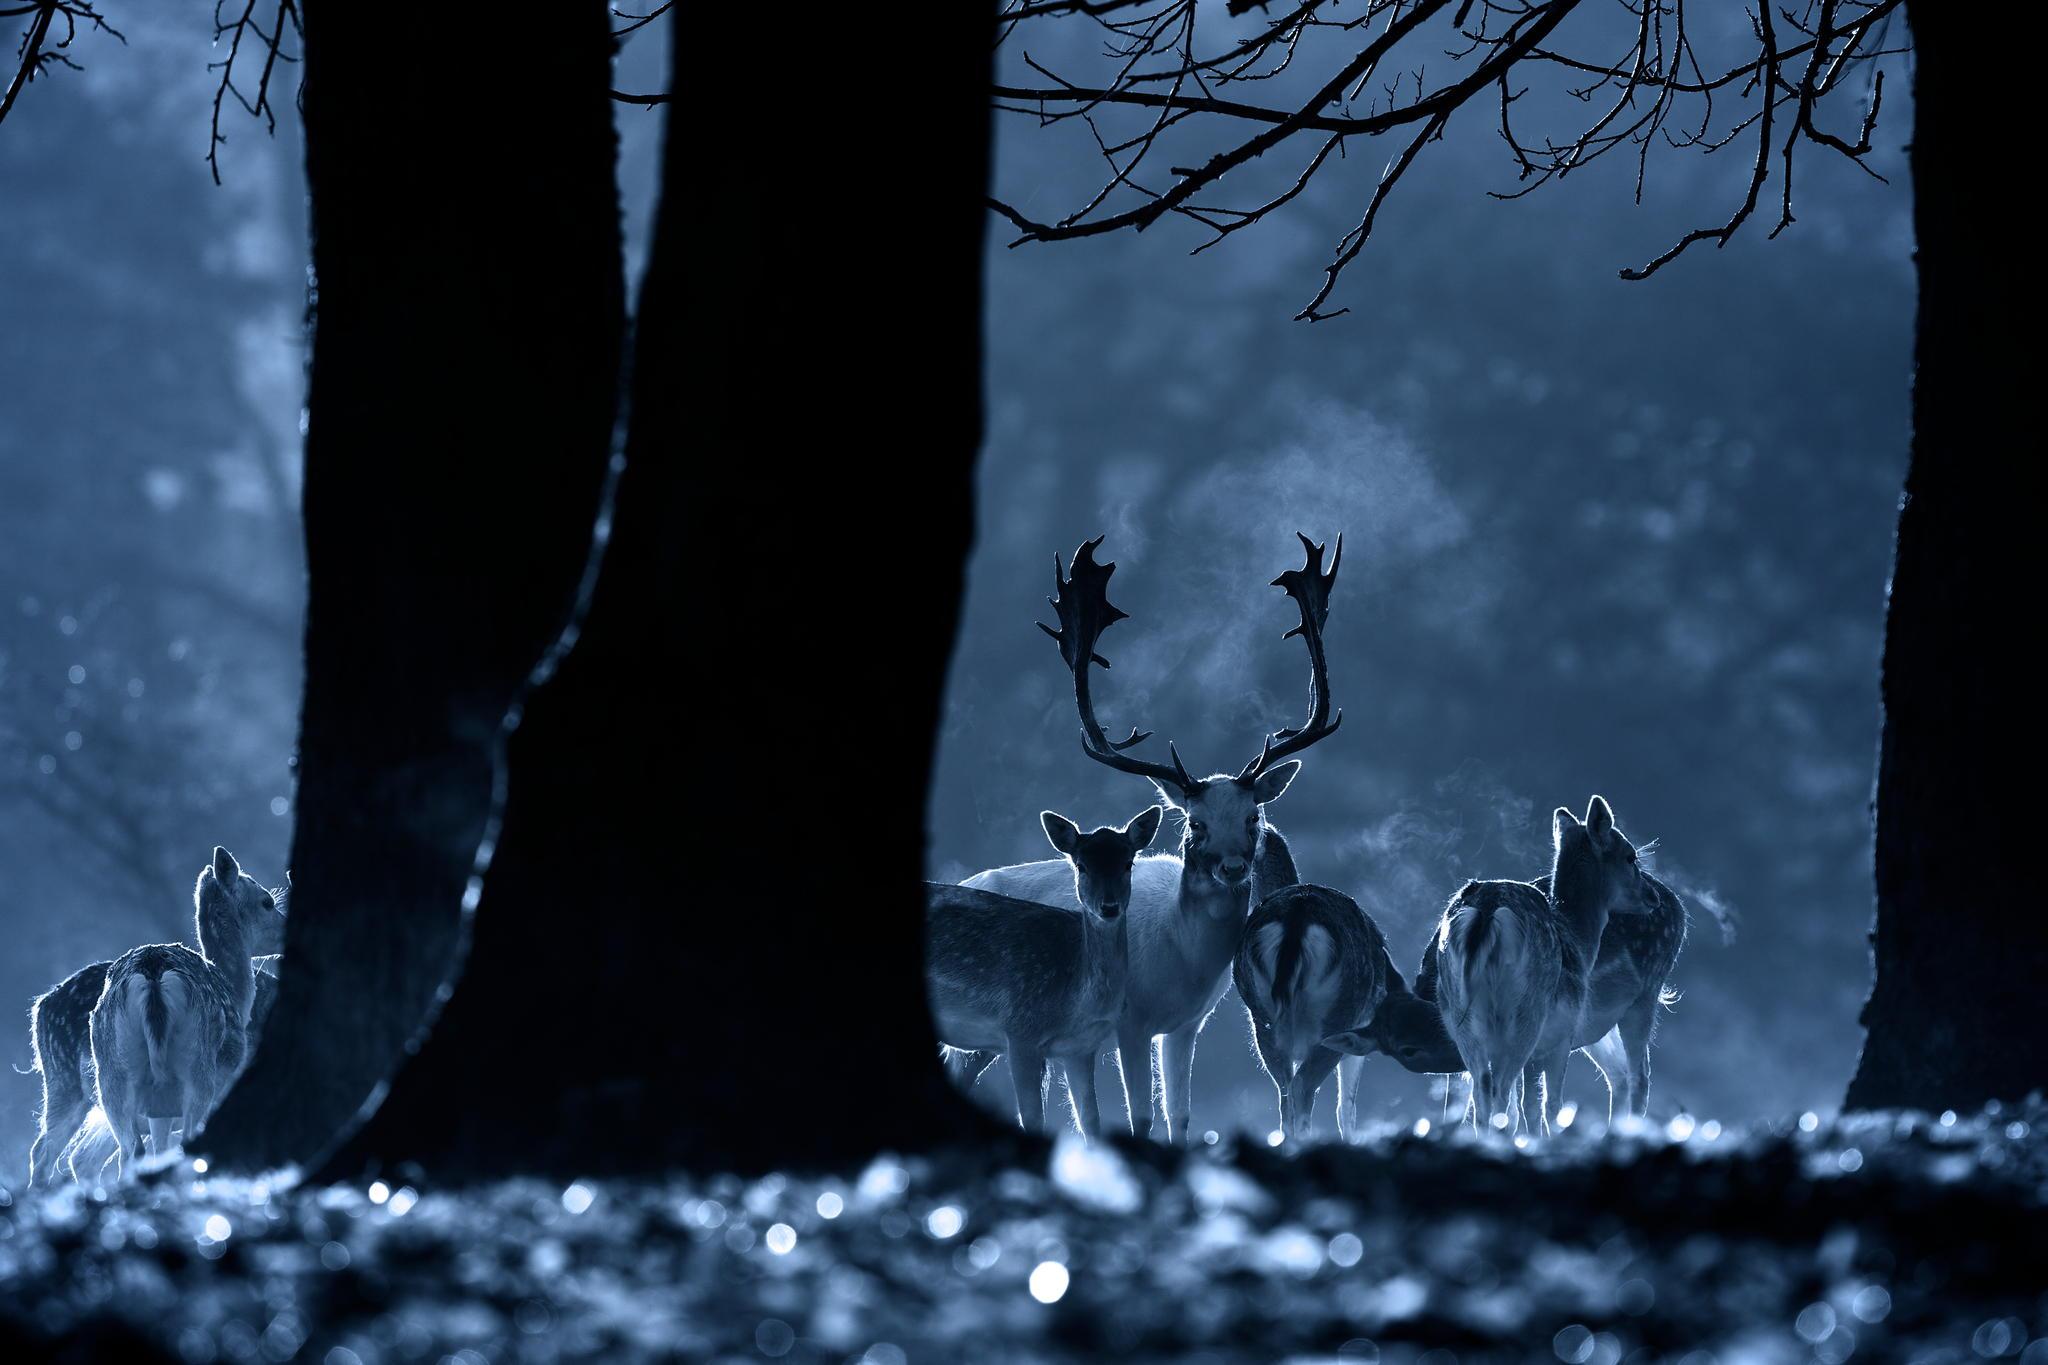 Night Life © Mark Bridger